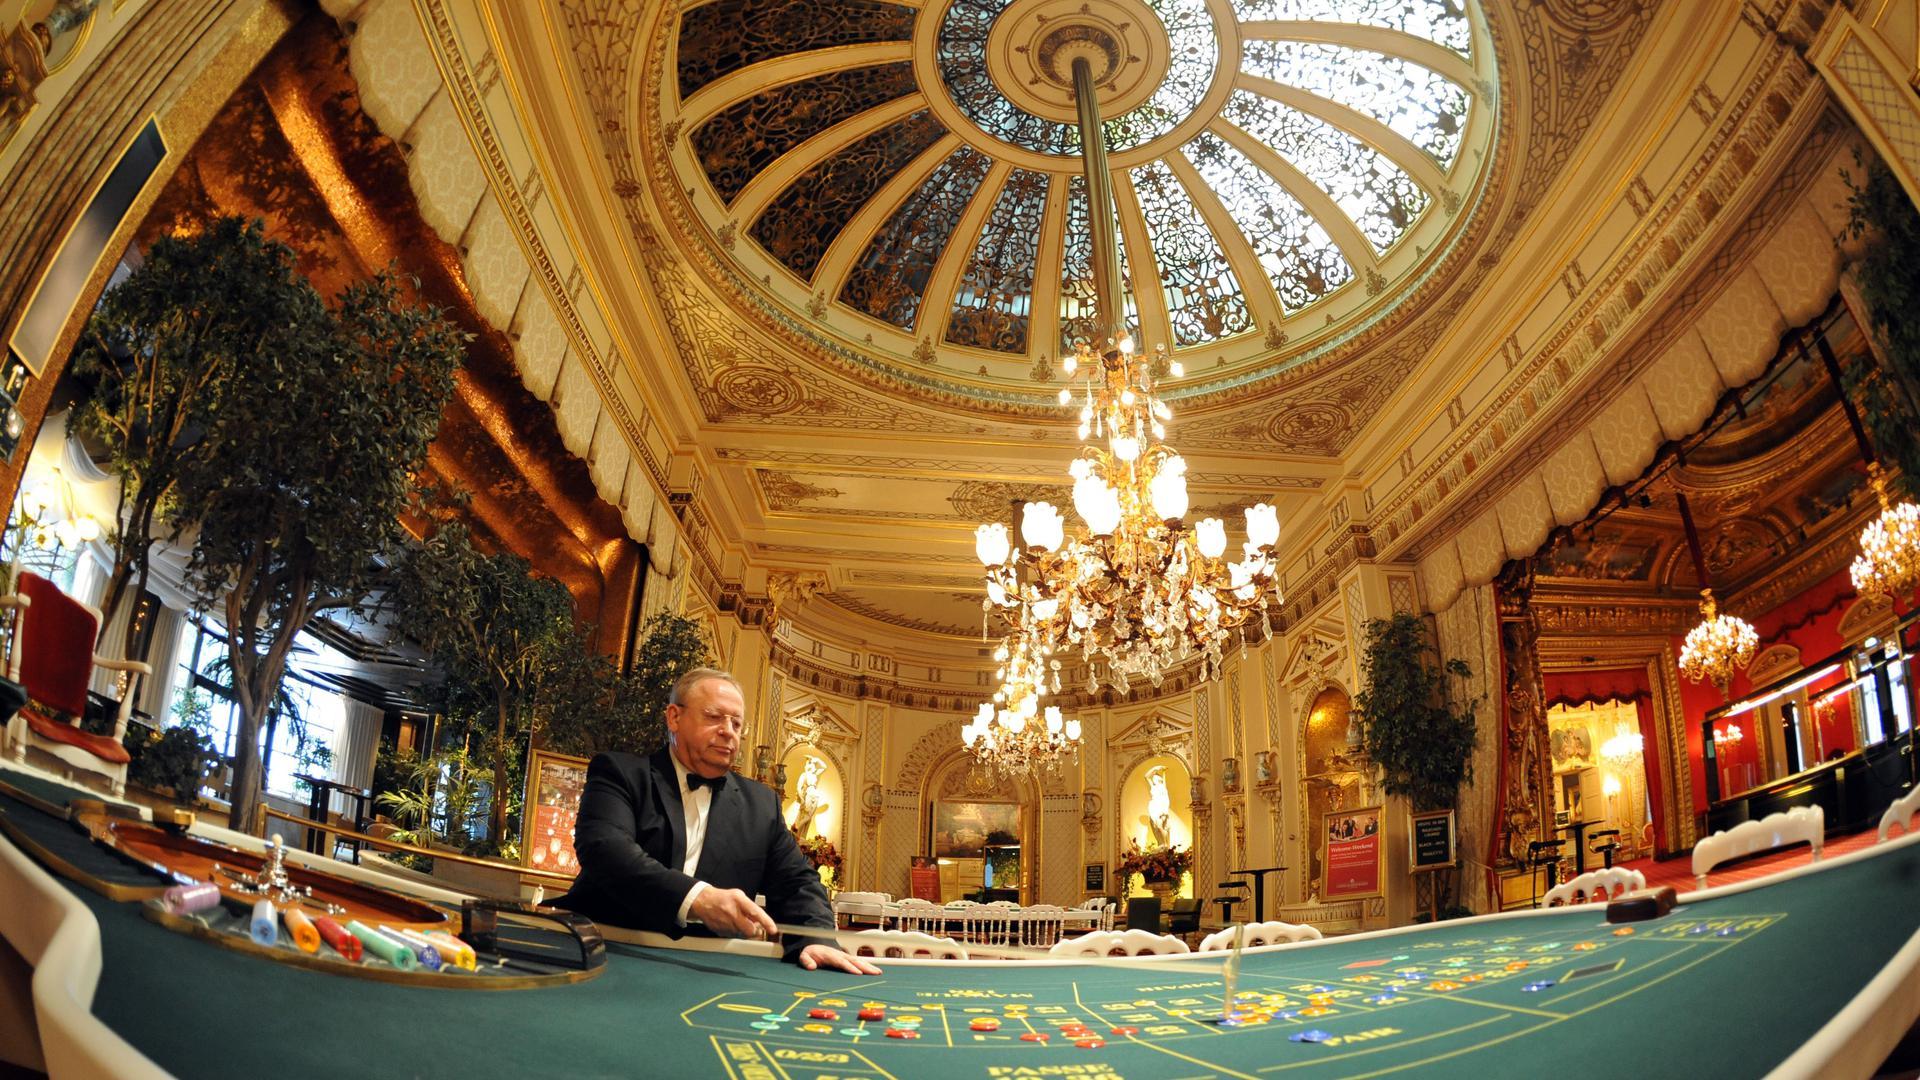 Die Spielbanken im Südwesten, wie hier in Baden-Baden, waren wegen der Corona-Krise längere Zeit geschlossen.